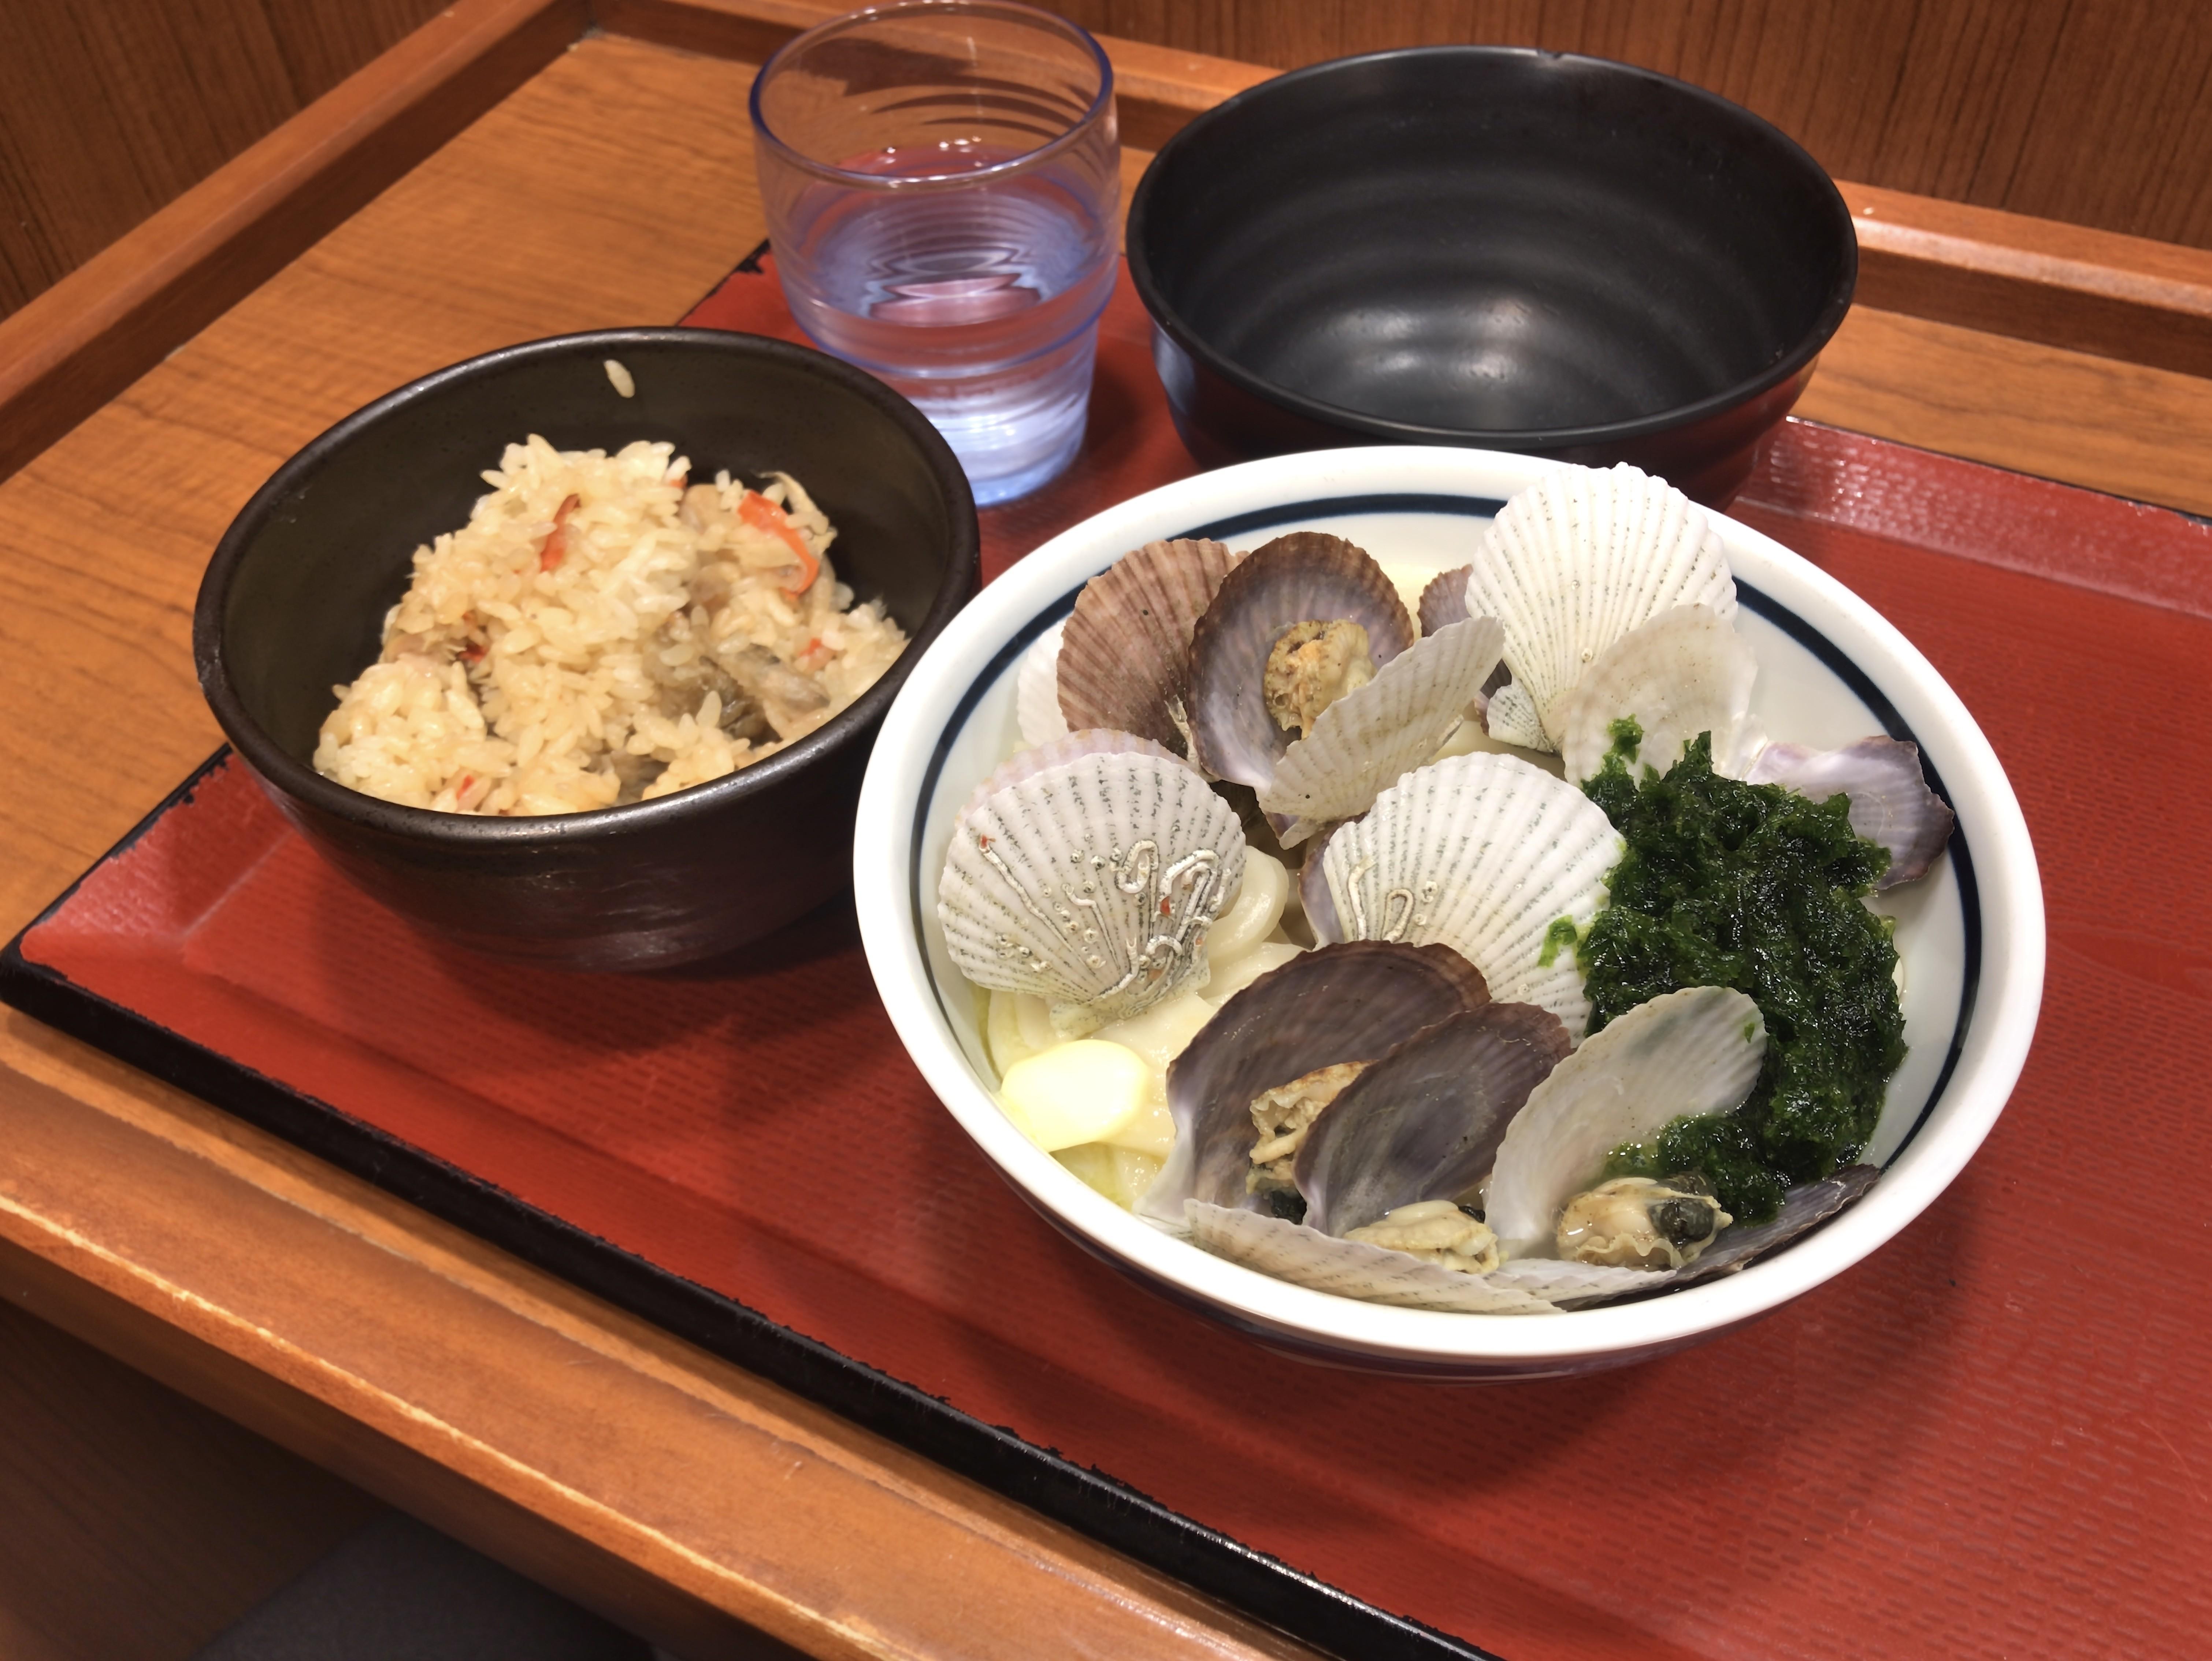 楽釜製麺所 濃厚!殻付き帆立バターうどん 580円 鶏ごぼうめし 150円 (